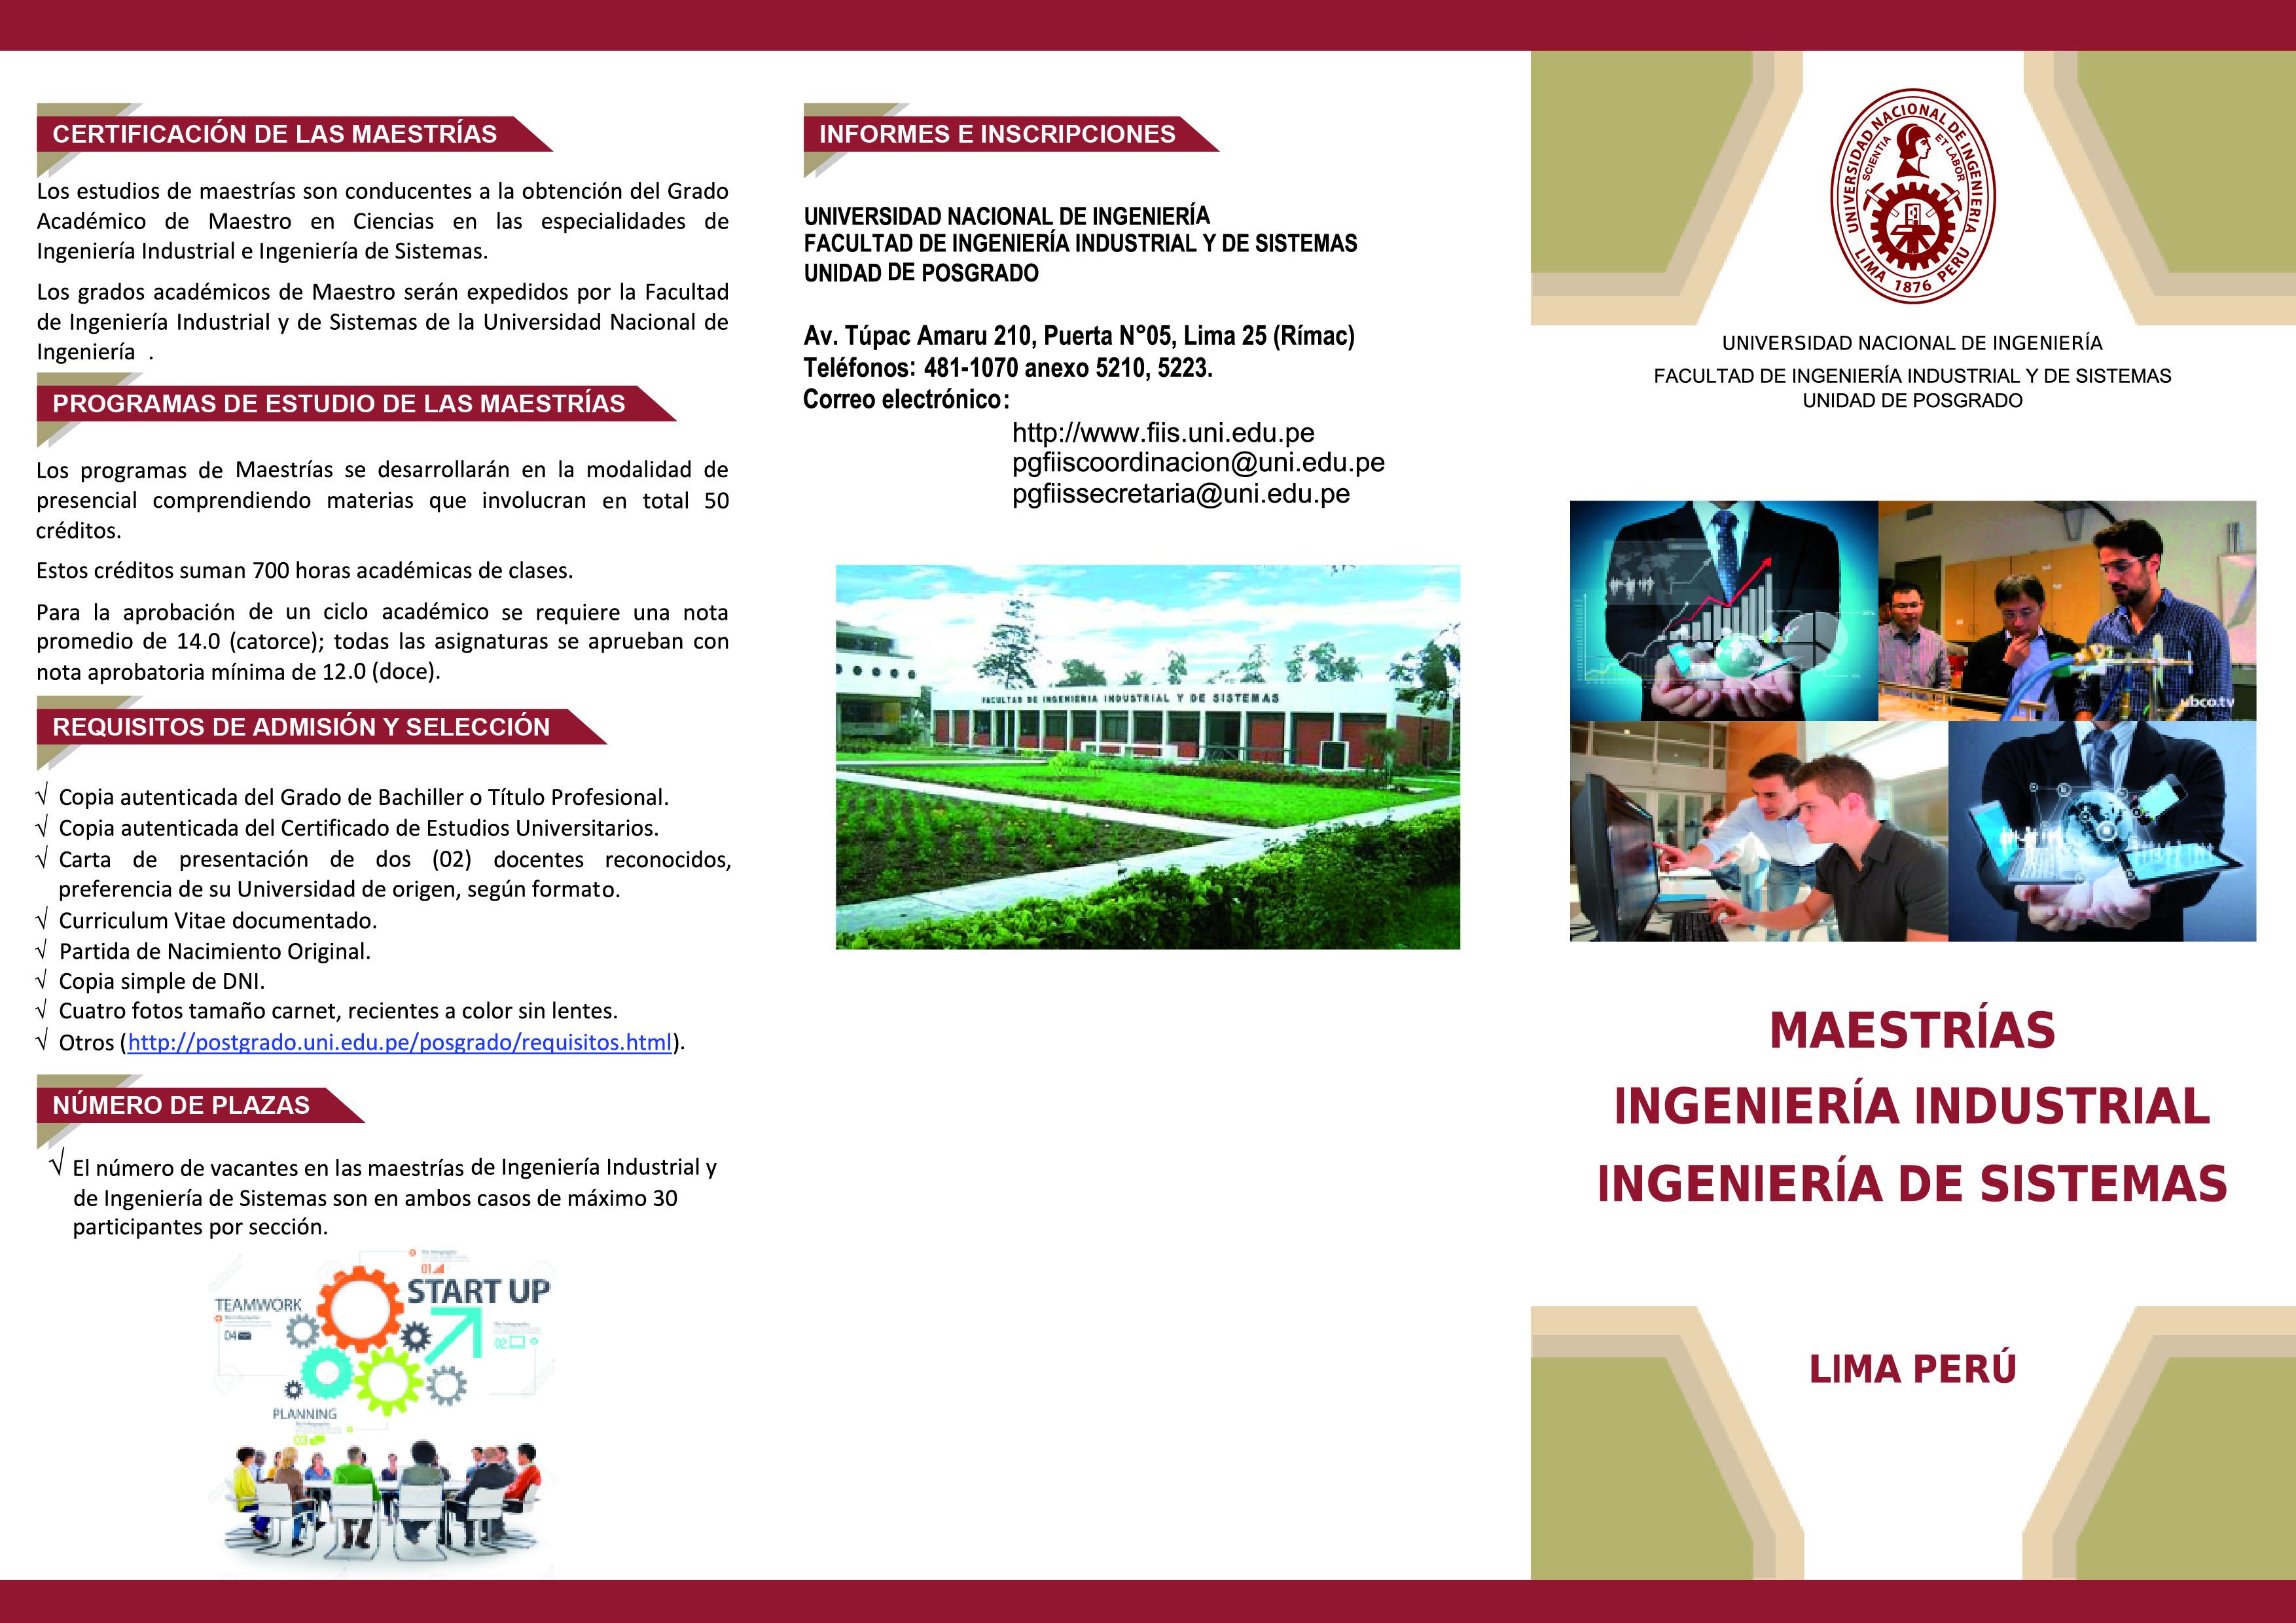 Universidad Nacional de Ingeniería - Rita Paz